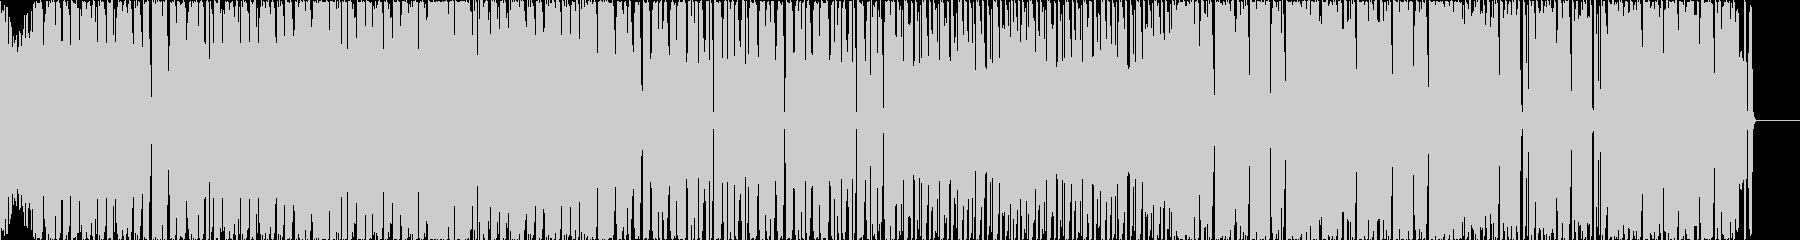 コミカルなBGM向けDrum&Bassの未再生の波形